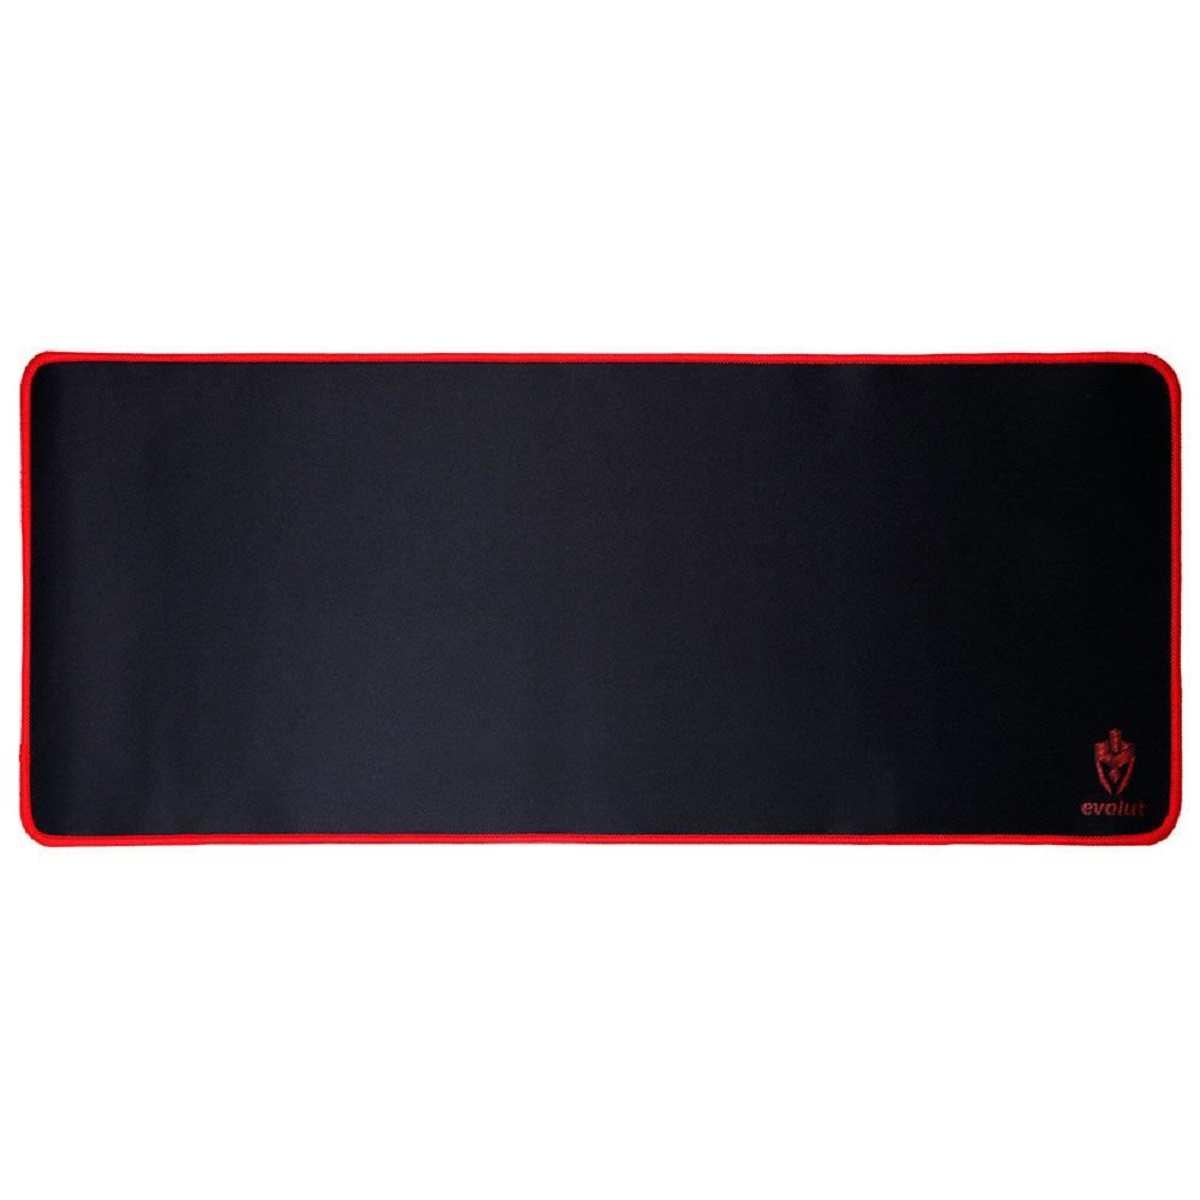 Mouse pad Gamer Speed Grande 70 x 30 cm Preto/Vermelho  Eg-402 Evolut